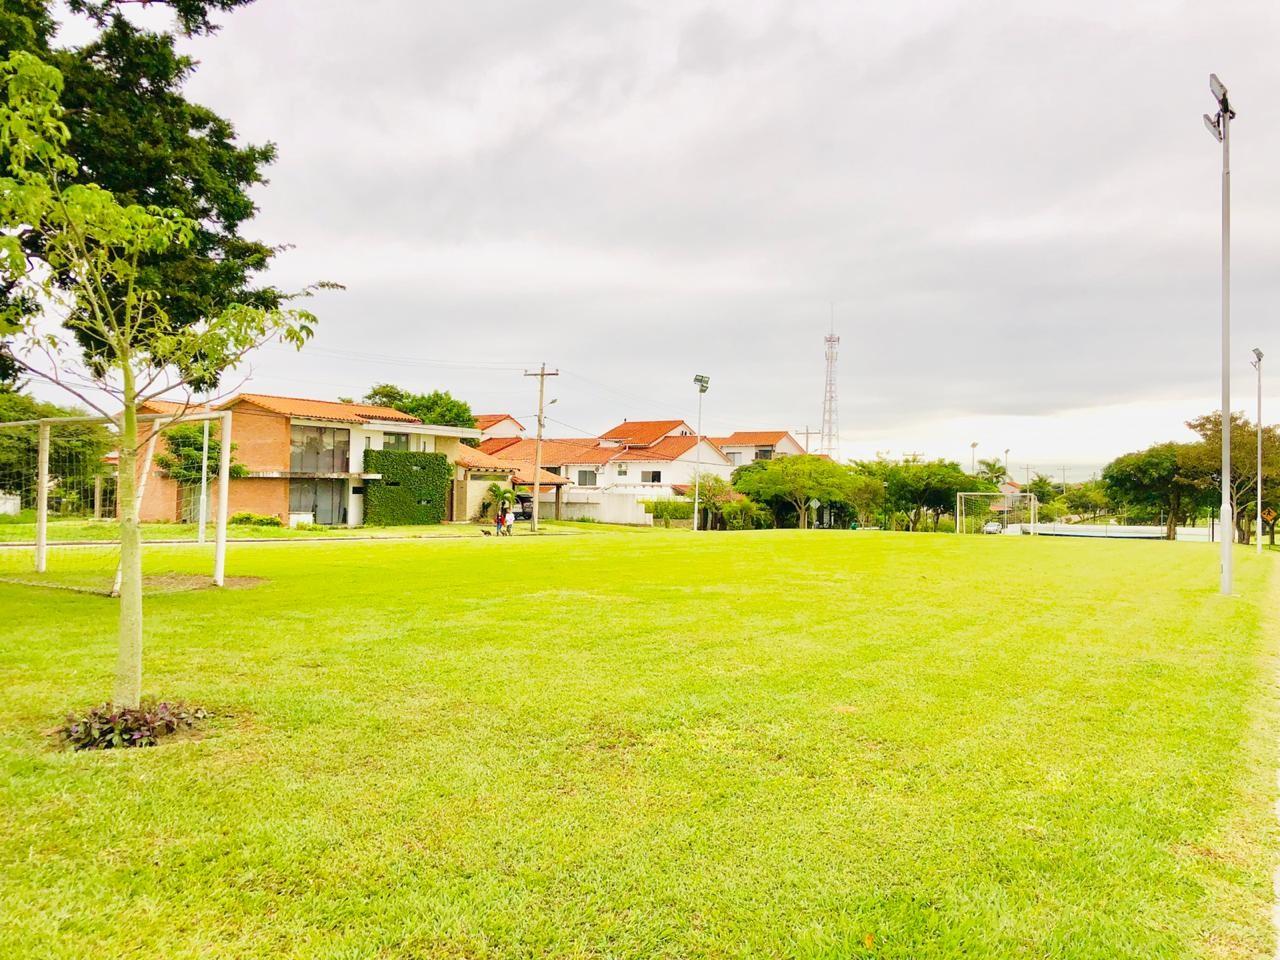 Casa en Alquiler Zona Urubo - Condominio Jardines del Urubo - lado de Restaurante Casa del Camba - a 1 minuto del Puente principal. Foto 8